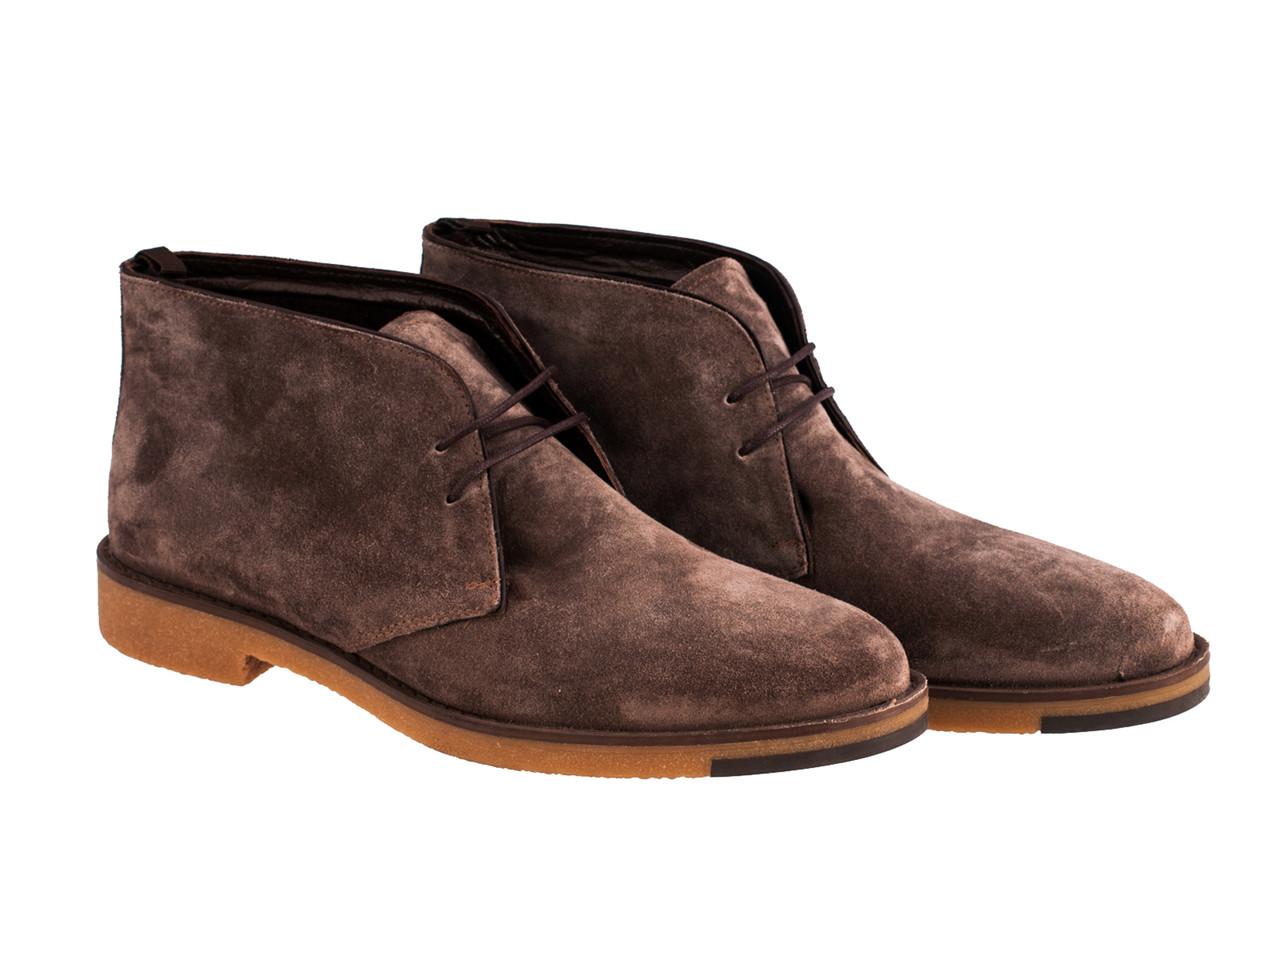 Ботинки Etor 10982-04507-0205 коричневые